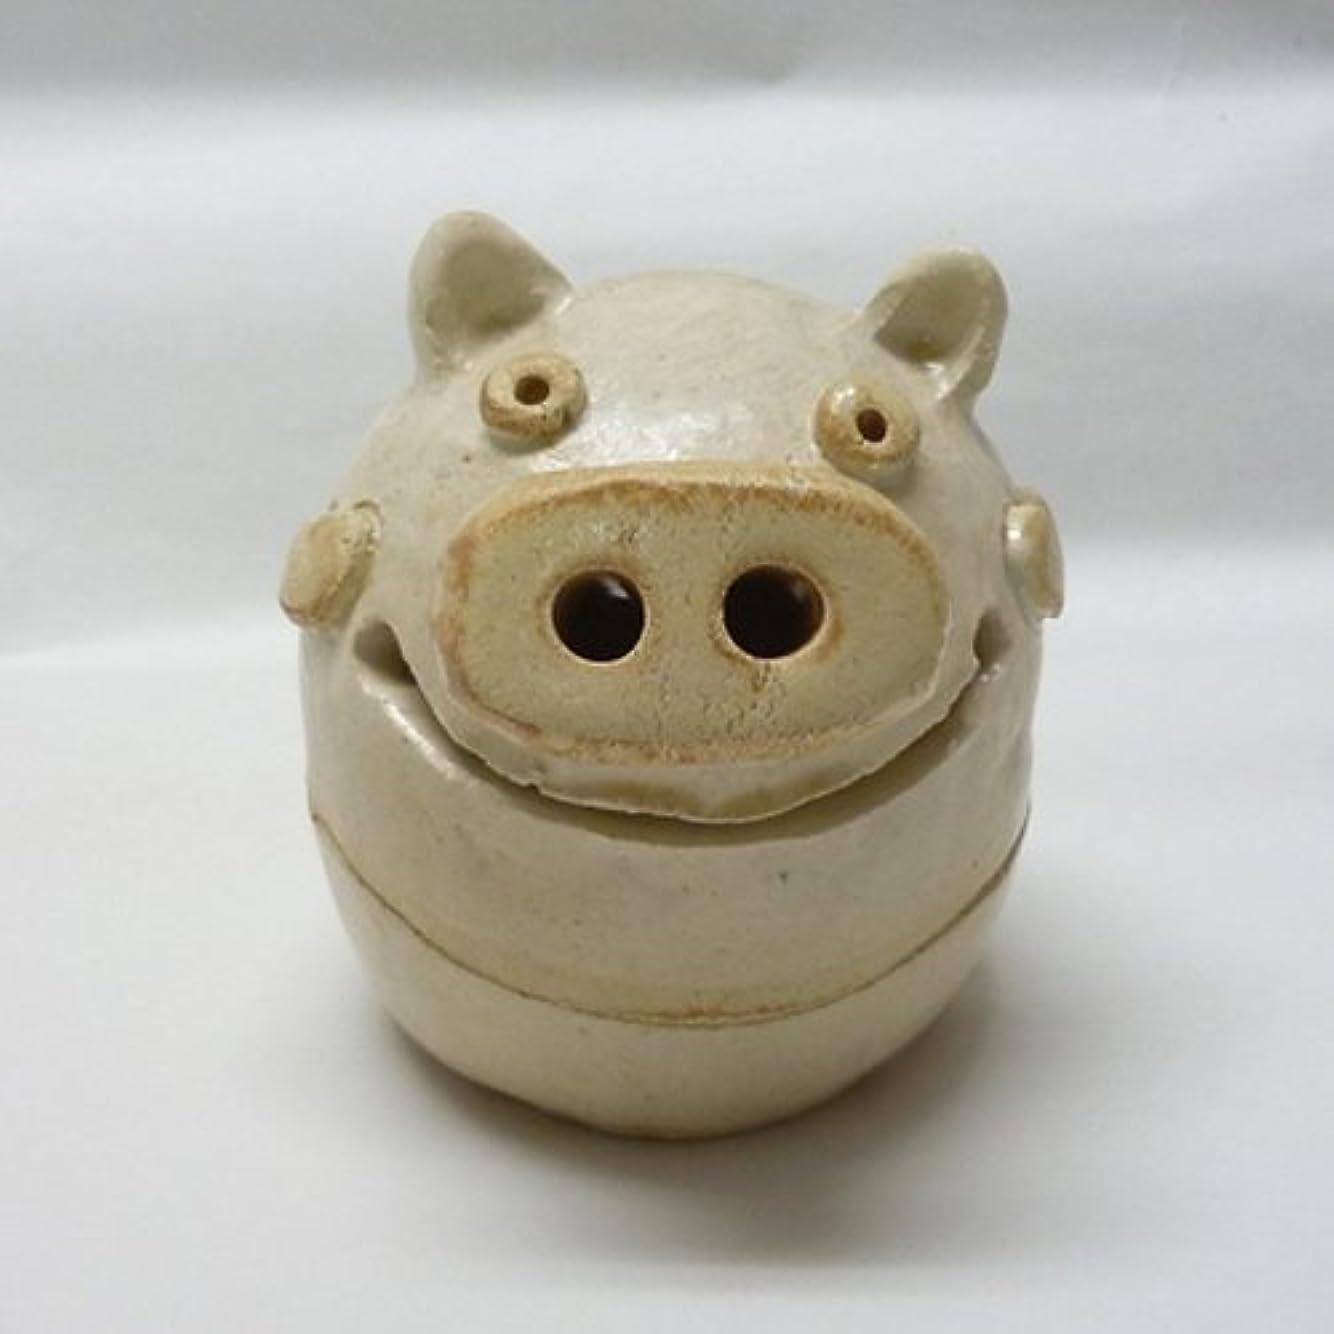 香炉 ぶた君 香炉(白) [H9cm] HANDMADE プレゼント ギフト 和食器 かわいい インテリア